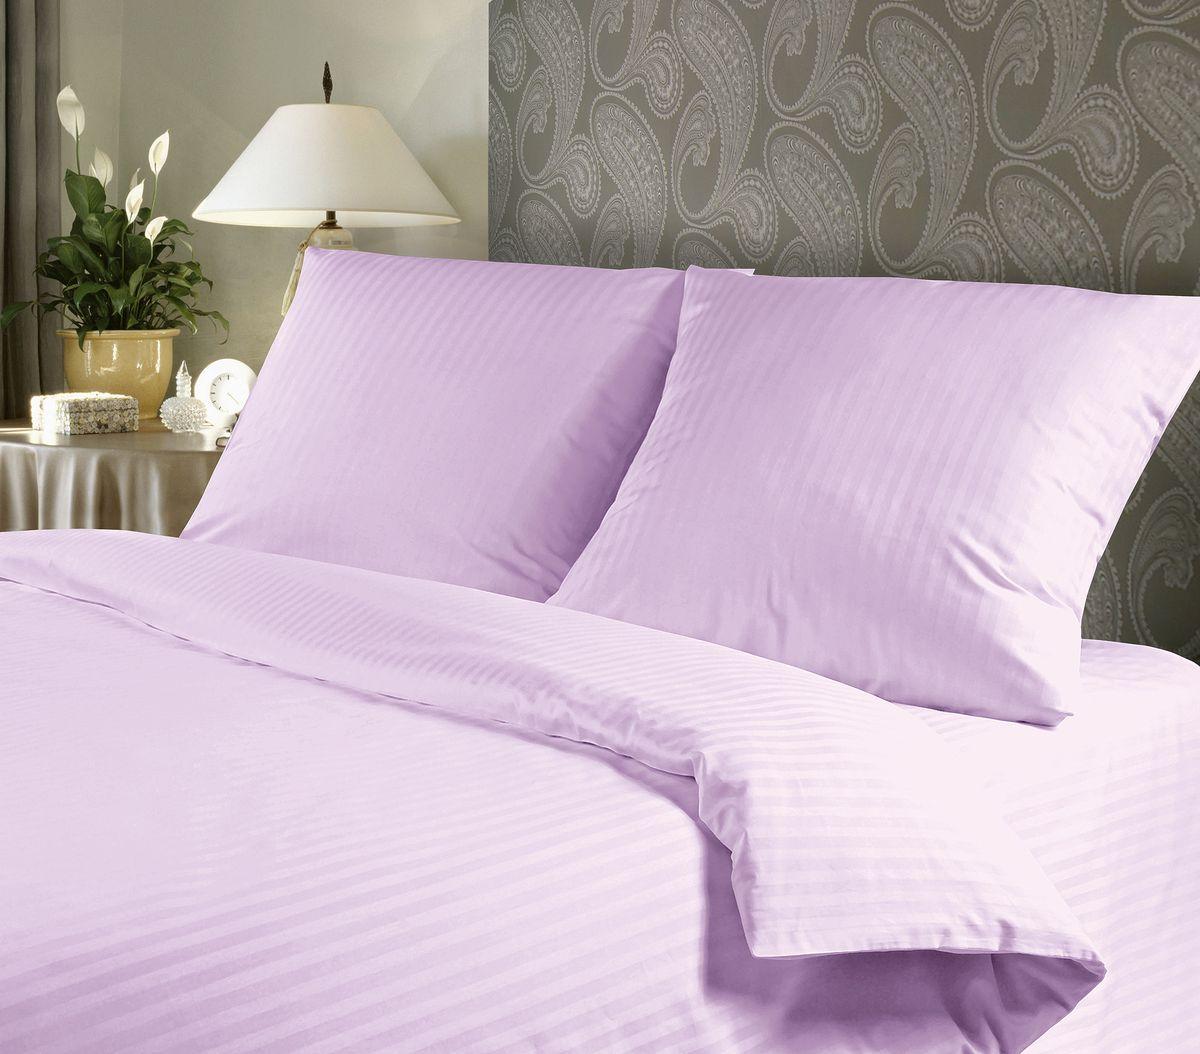 Комплект белья Verossa, 1,5-спальный, наволочки 50х70, цвет: сиреневый93287516Сатин - настоящая роскошь для любителей понежиться в постели. Вас манит его блеск, завораживает гладкость, ласкает мягкость, и каждая минута с ним - истинное наслаждение.Тонкая пряжа и атласное переплетение нитей обеспечивают сатину мягкость и деликатность.Легкий блеск сатина делает дизайны живыми и переливающимися.100% хлопок, не электризуется и отлично пропускает воздух, ткань дышит.Легко стирается и практически не требует глажения.Не линяет, не изменяет вид после многочисленных стирок.